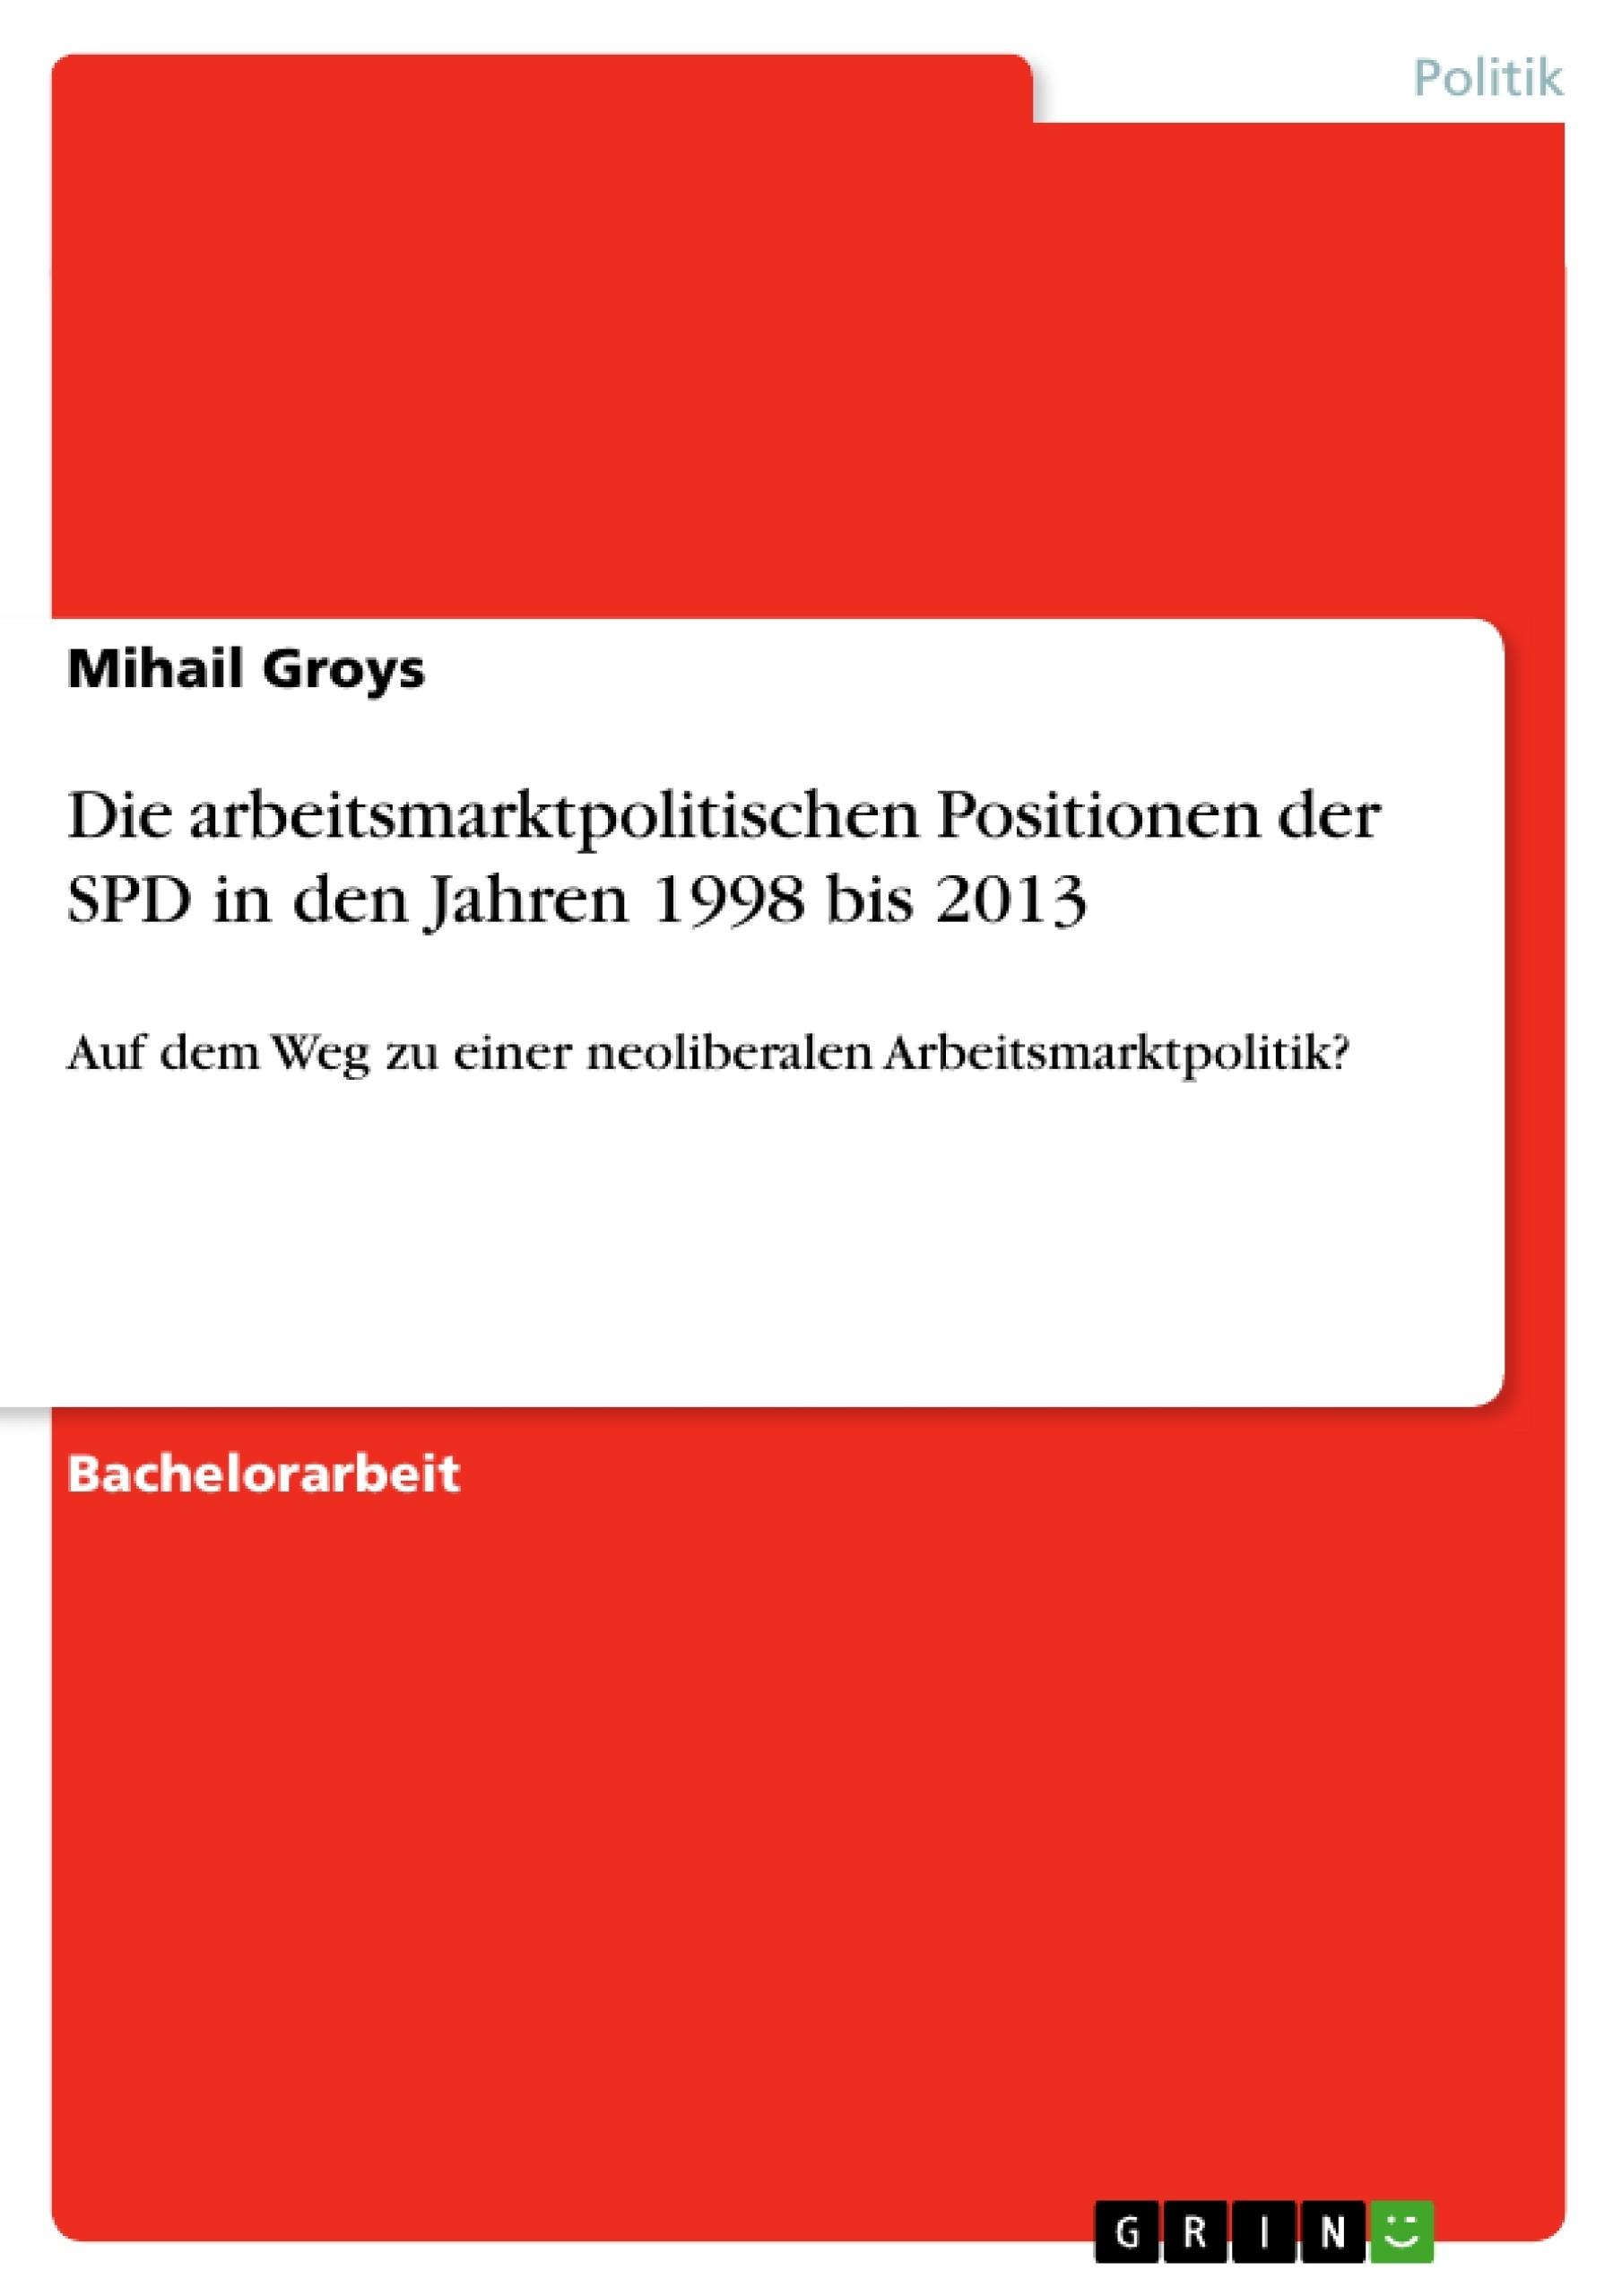 Titel: Die arbeitsmarktpolitischen Positionen der SPD in den Jahren 1998 bis 2013